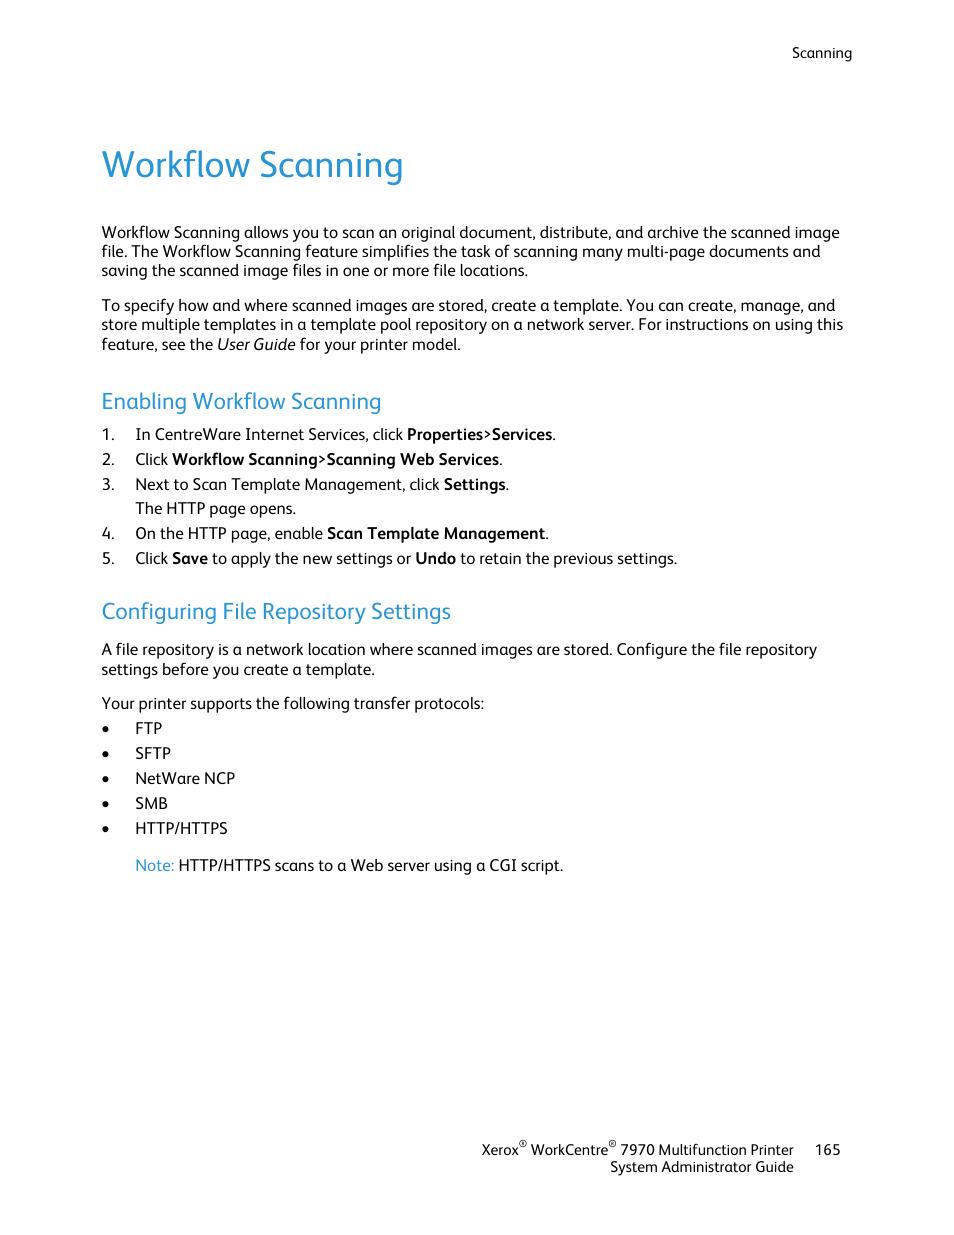 Workflow scanning, Enabling workflow scanning, Configuring file